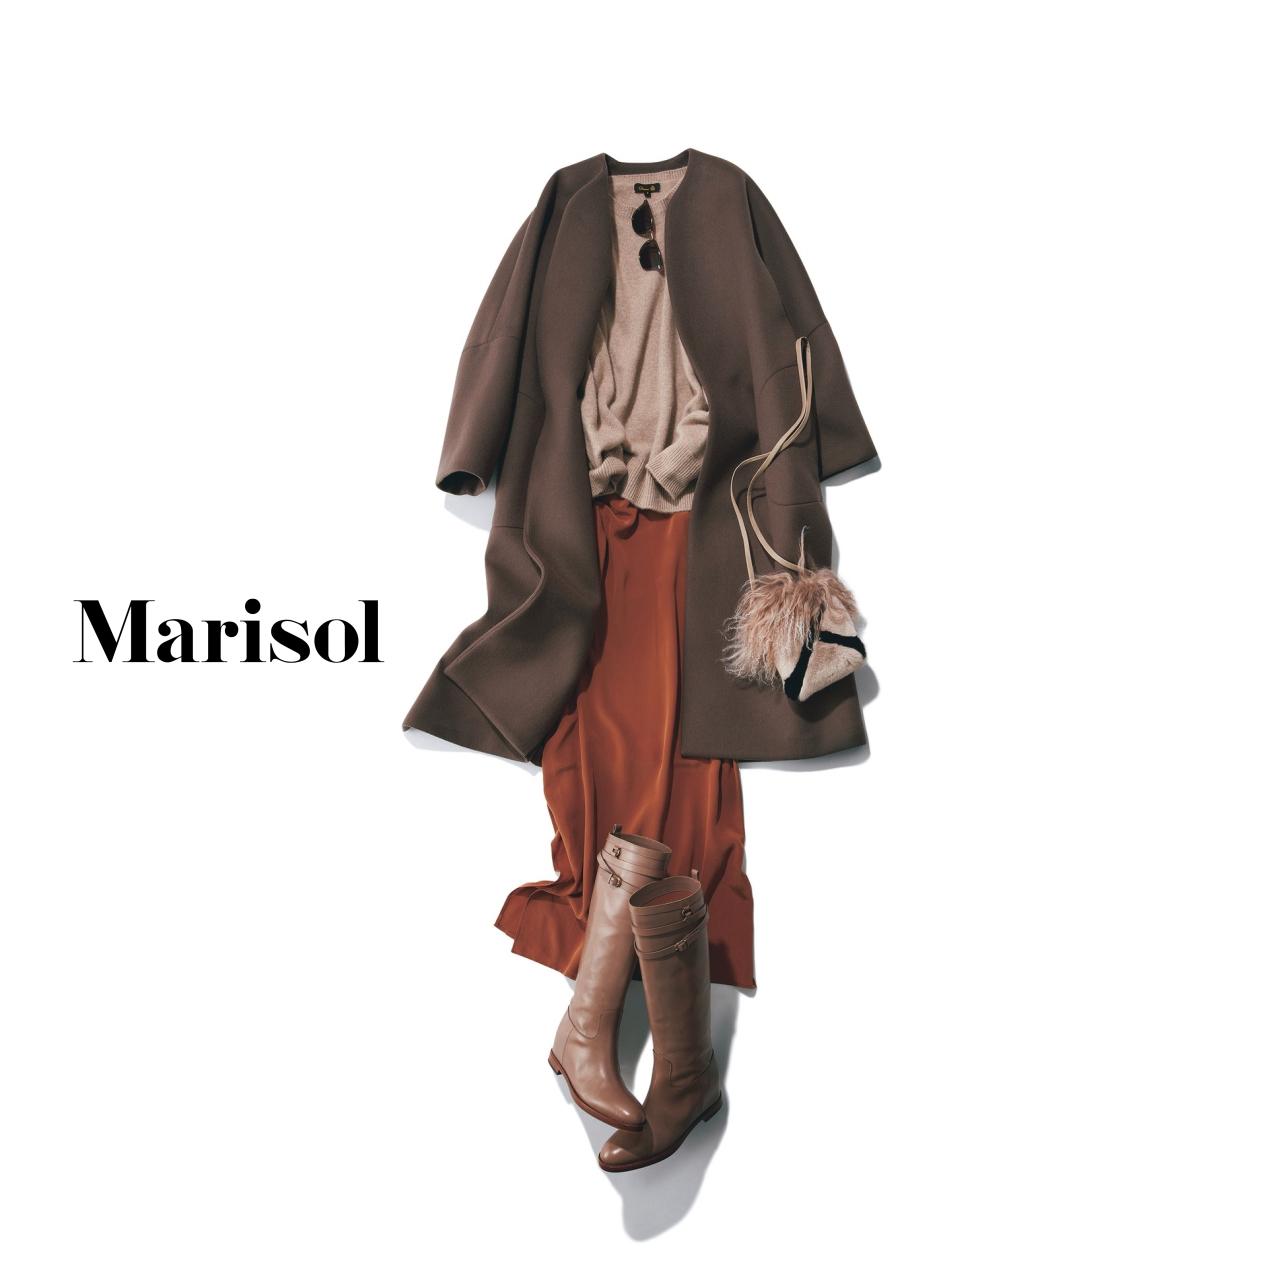 40代ファッション コート×ニット×キャミソールワンピース×ブーツコーデ